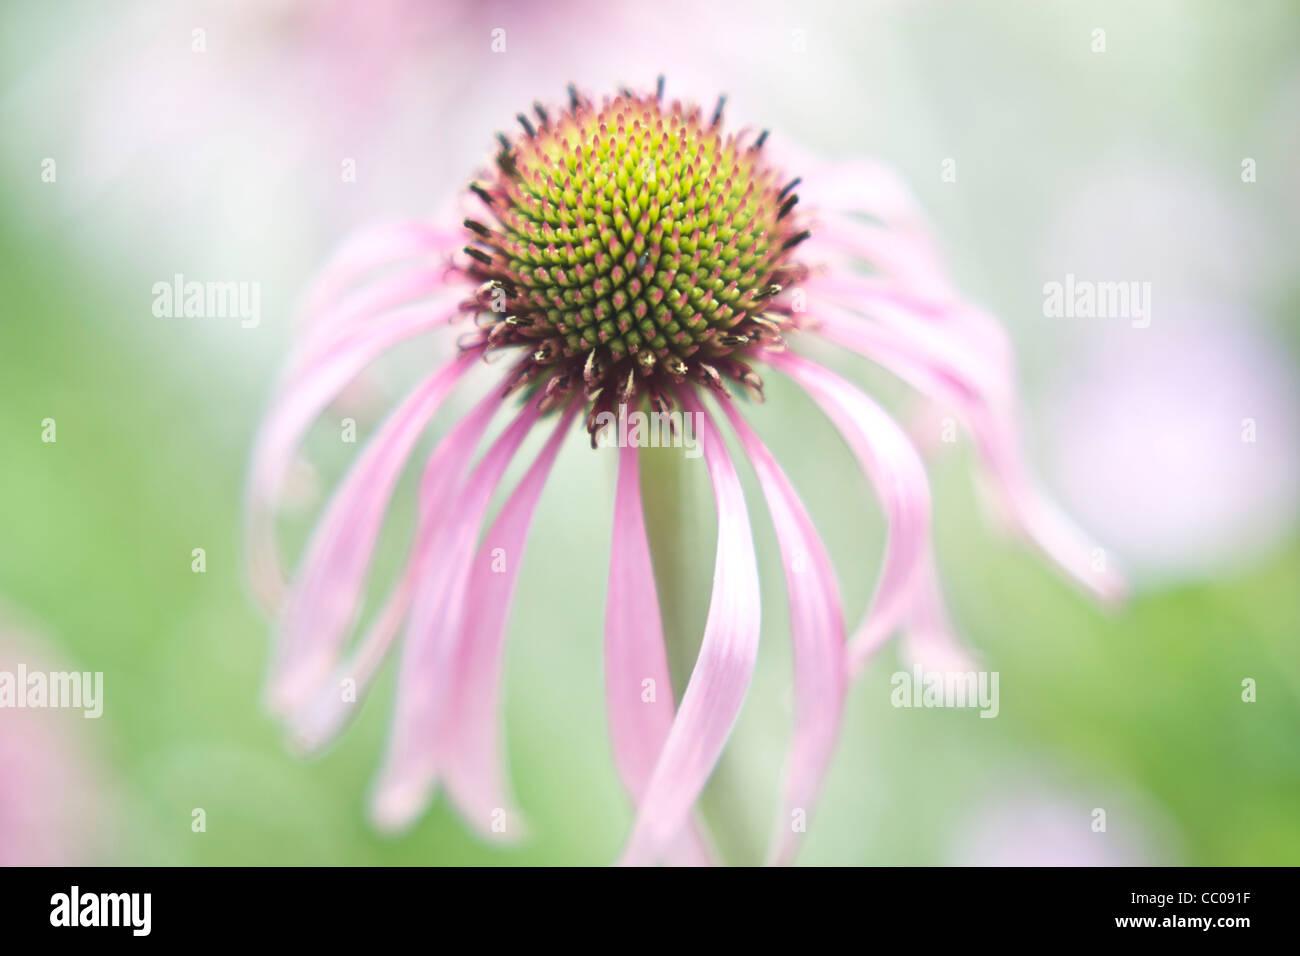 Daisy like flower stock photos daisy like flower stock images alamy a daisy like flower stock image izmirmasajfo